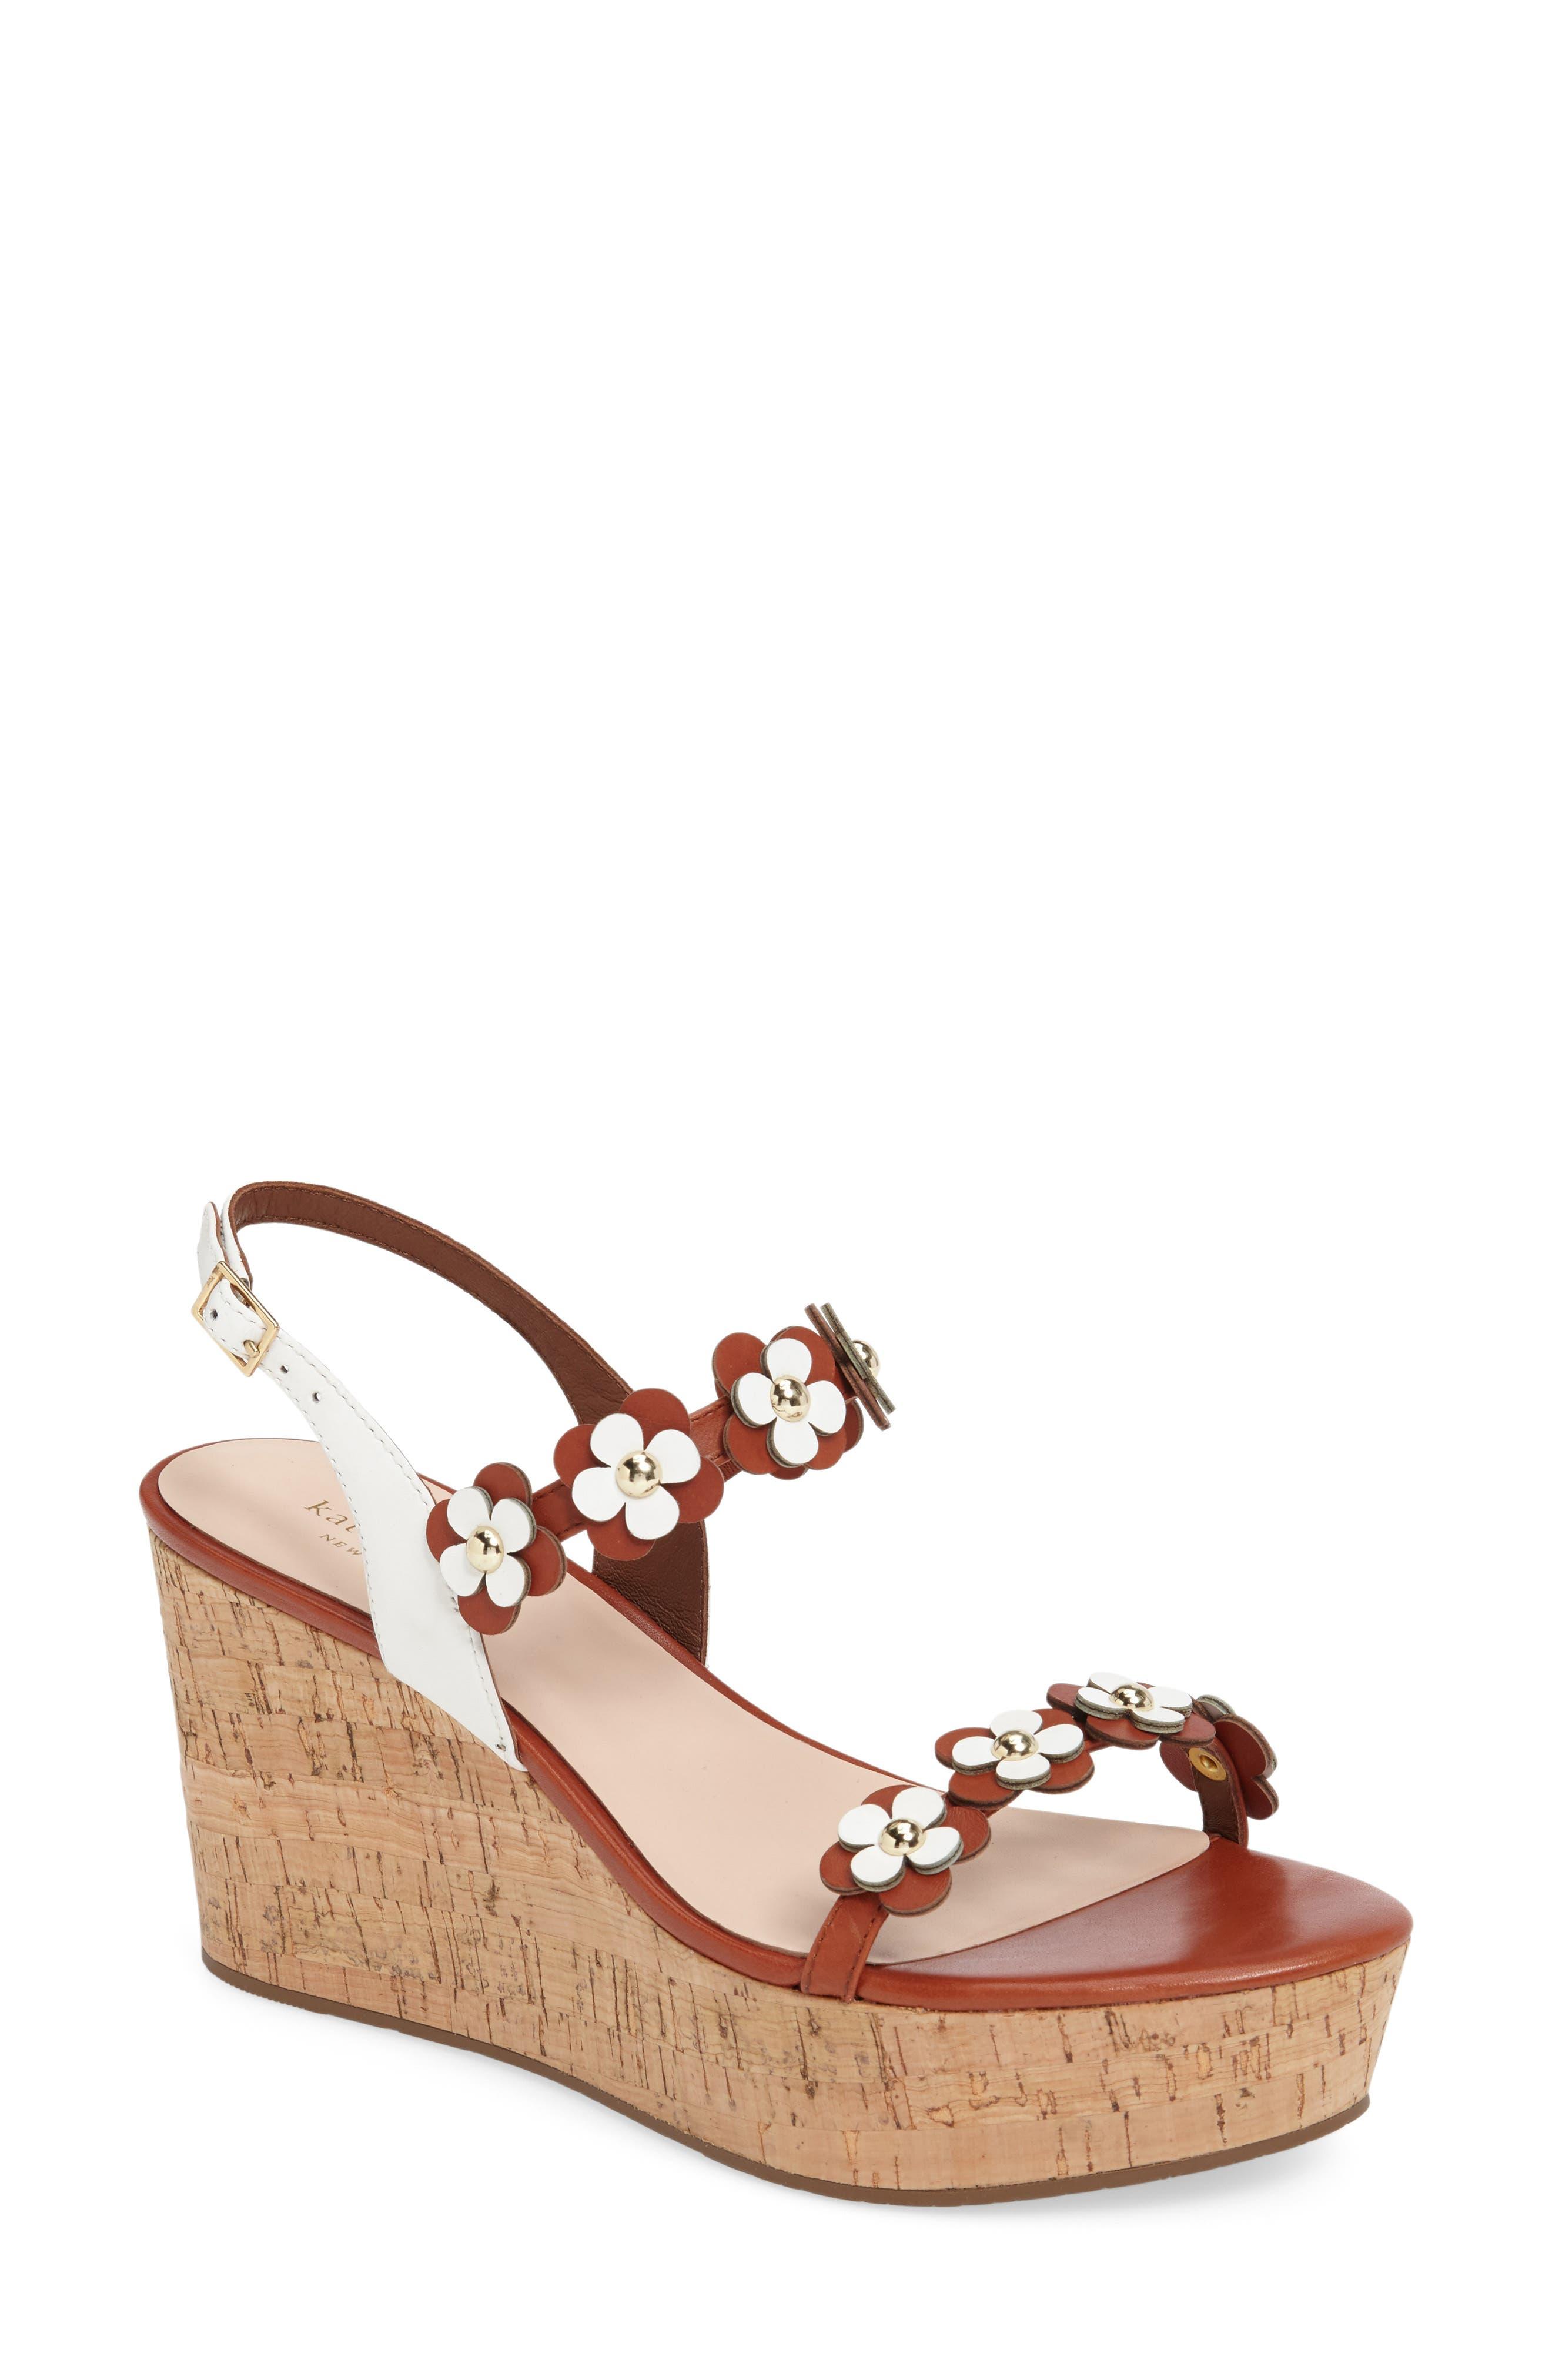 tisdale platform wedge sandal,                             Main thumbnail 1, color,                             200